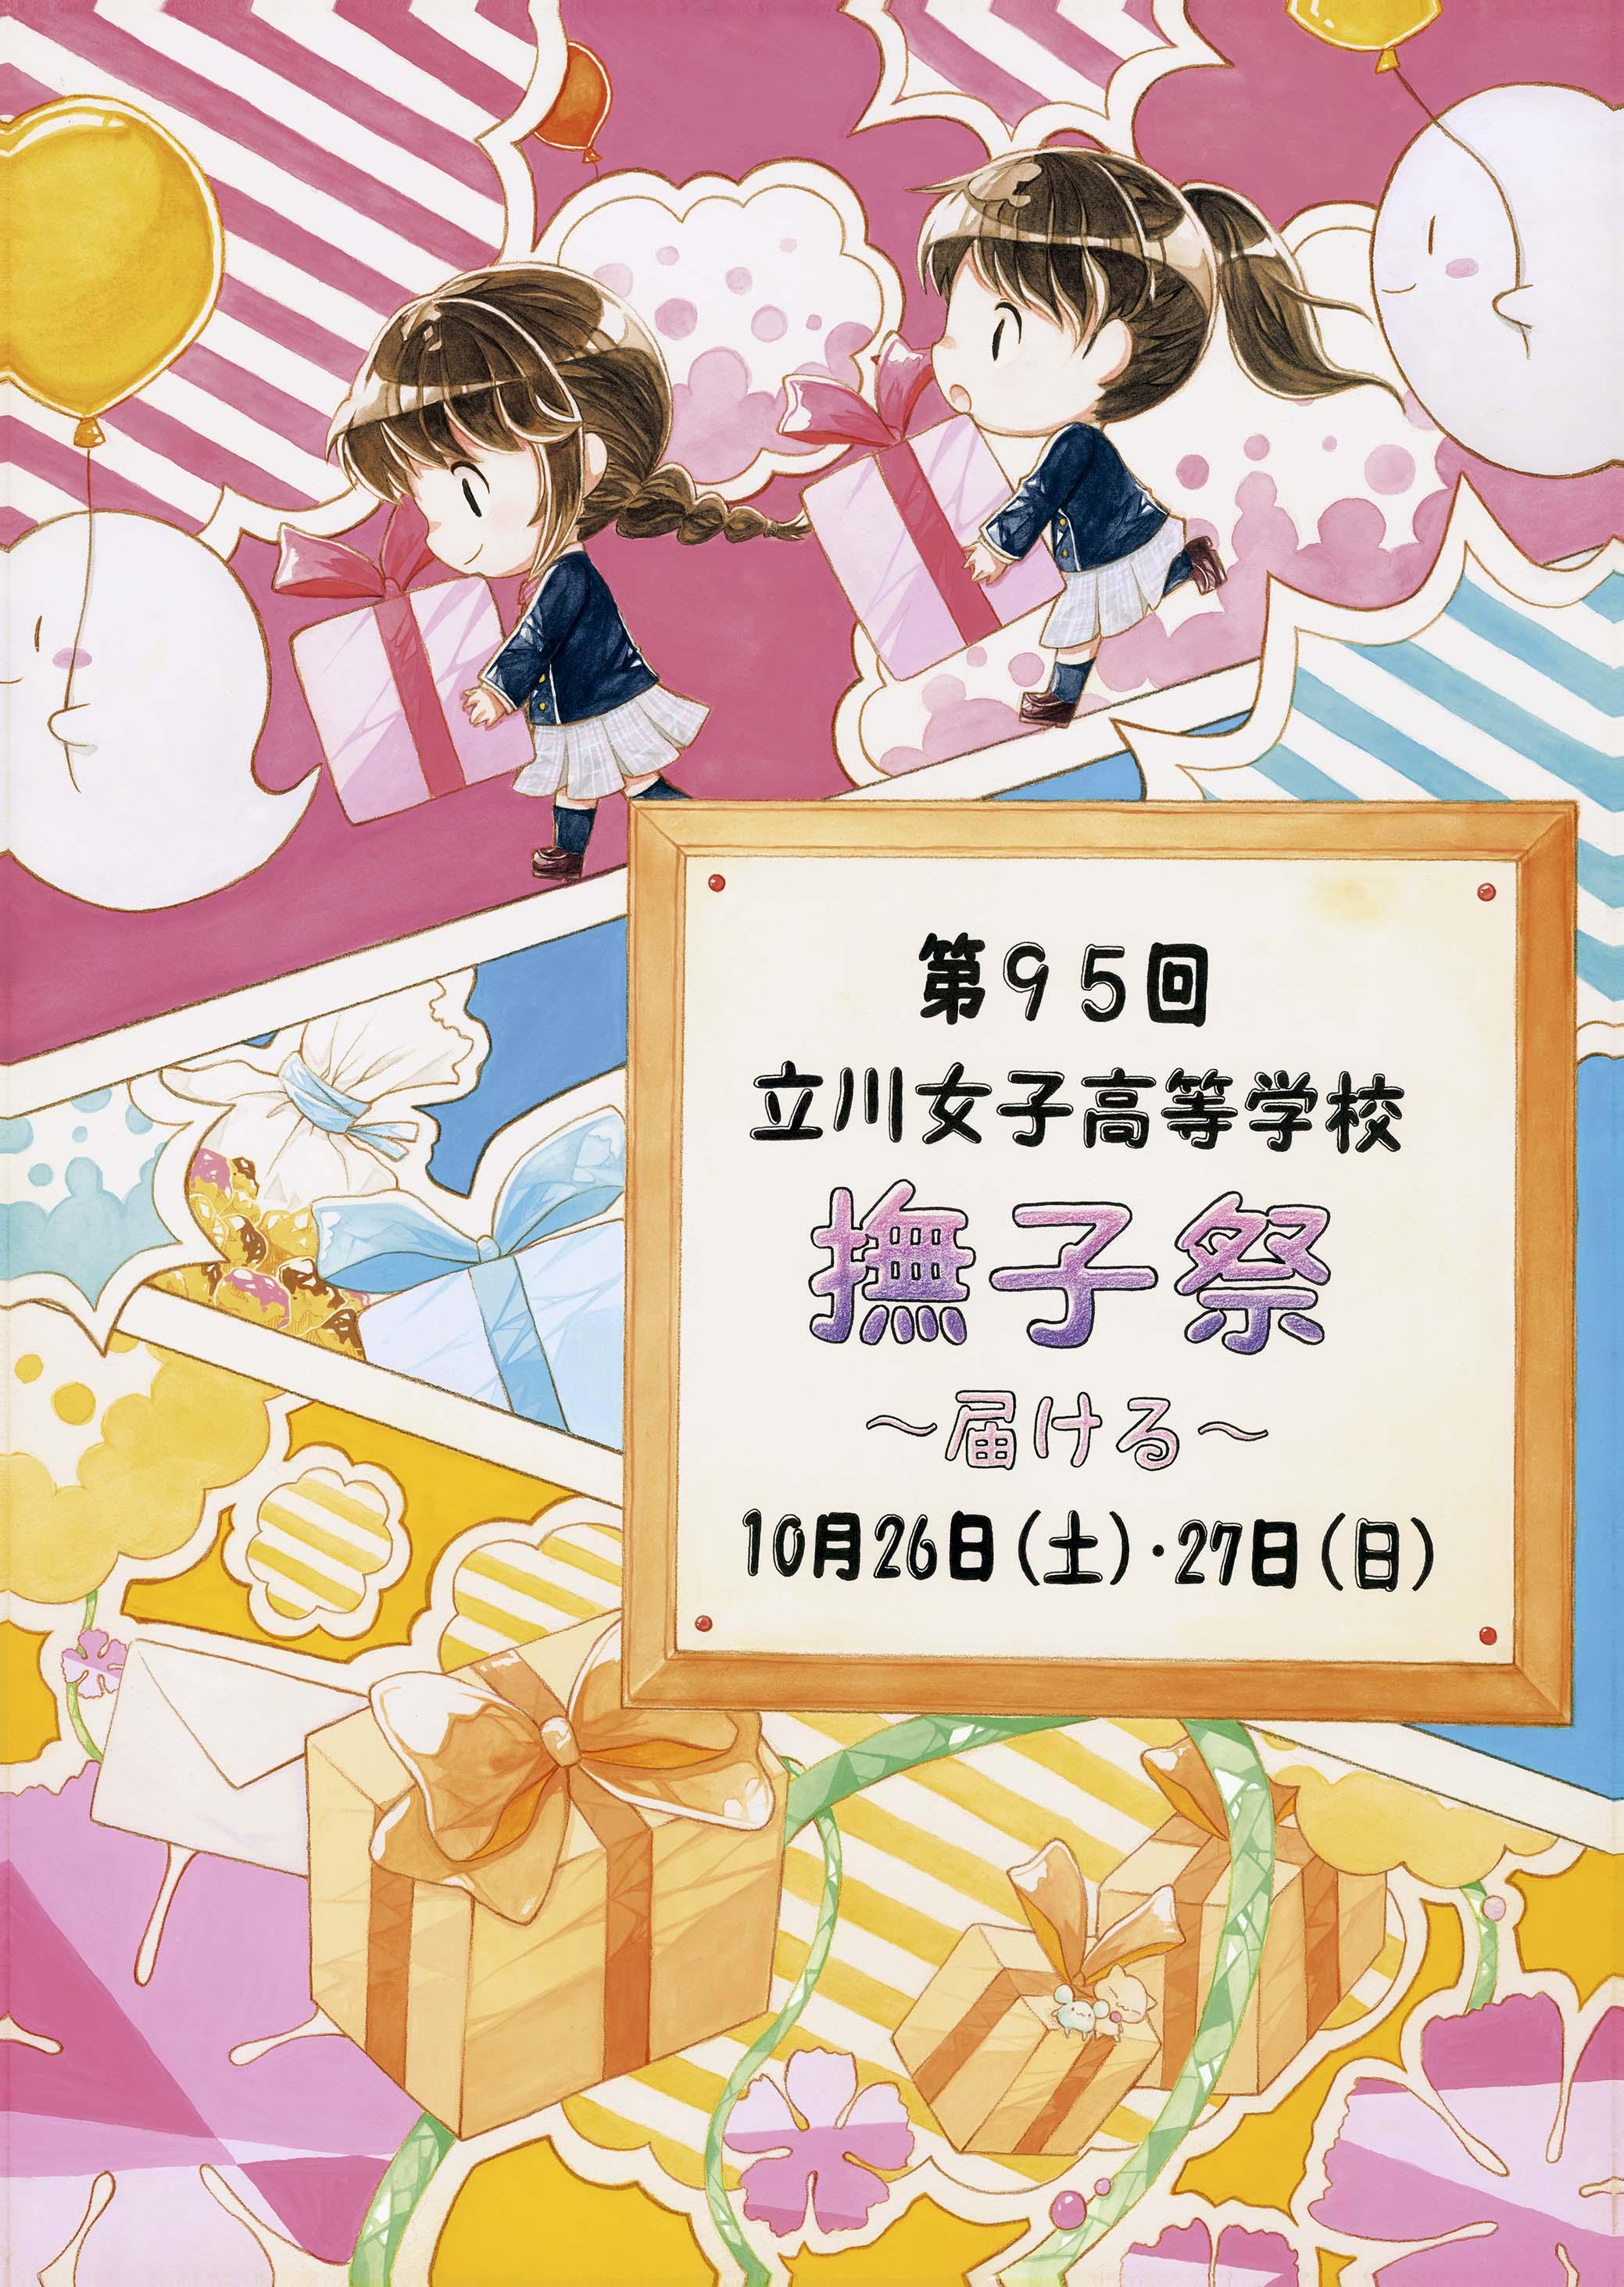 撫子祭(文化祭)